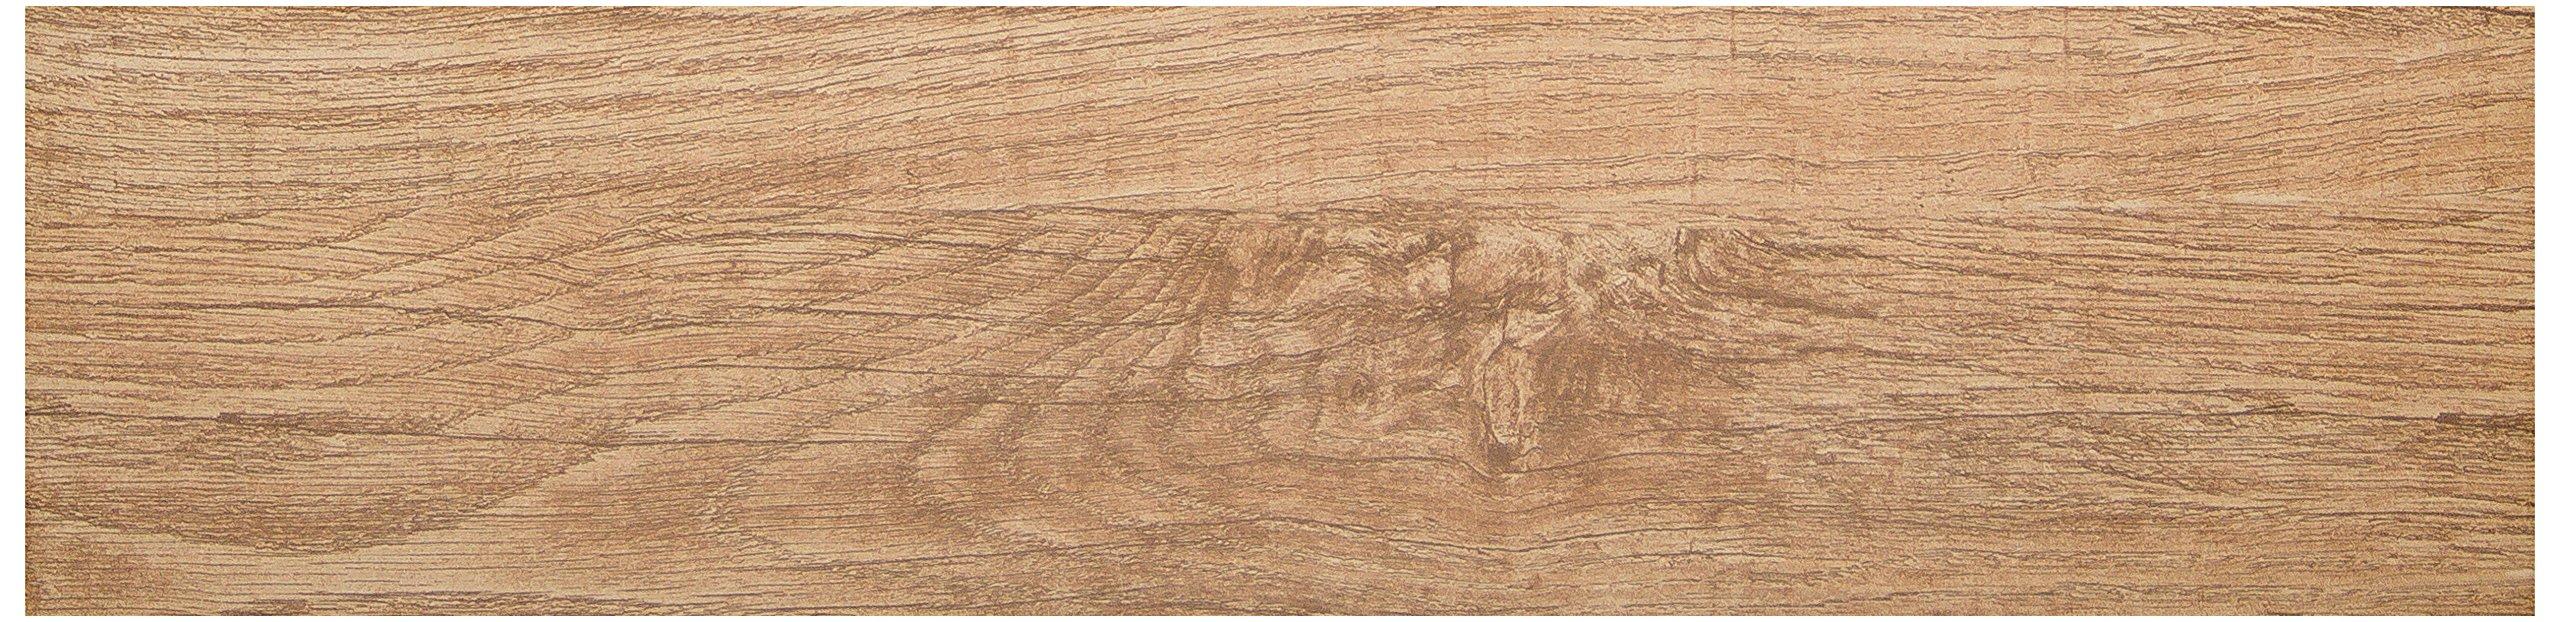 Emser Tile F78WOODBE0624 Woodwork Bend - Porcelain Tile, 6 x 24''